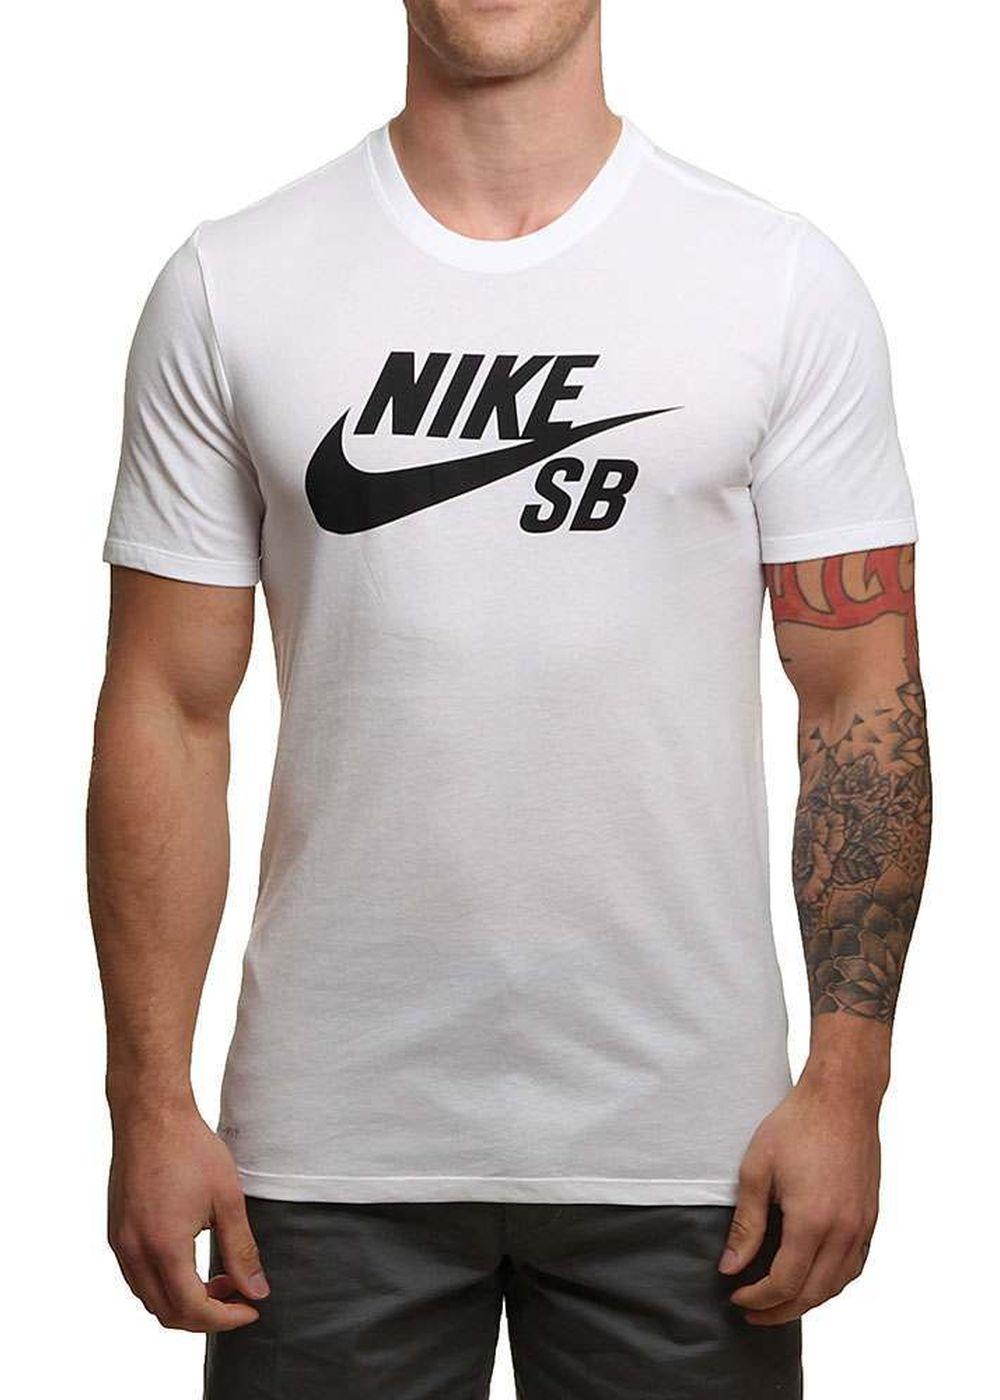 nike-sb-logo-tee-whitewhiteblack